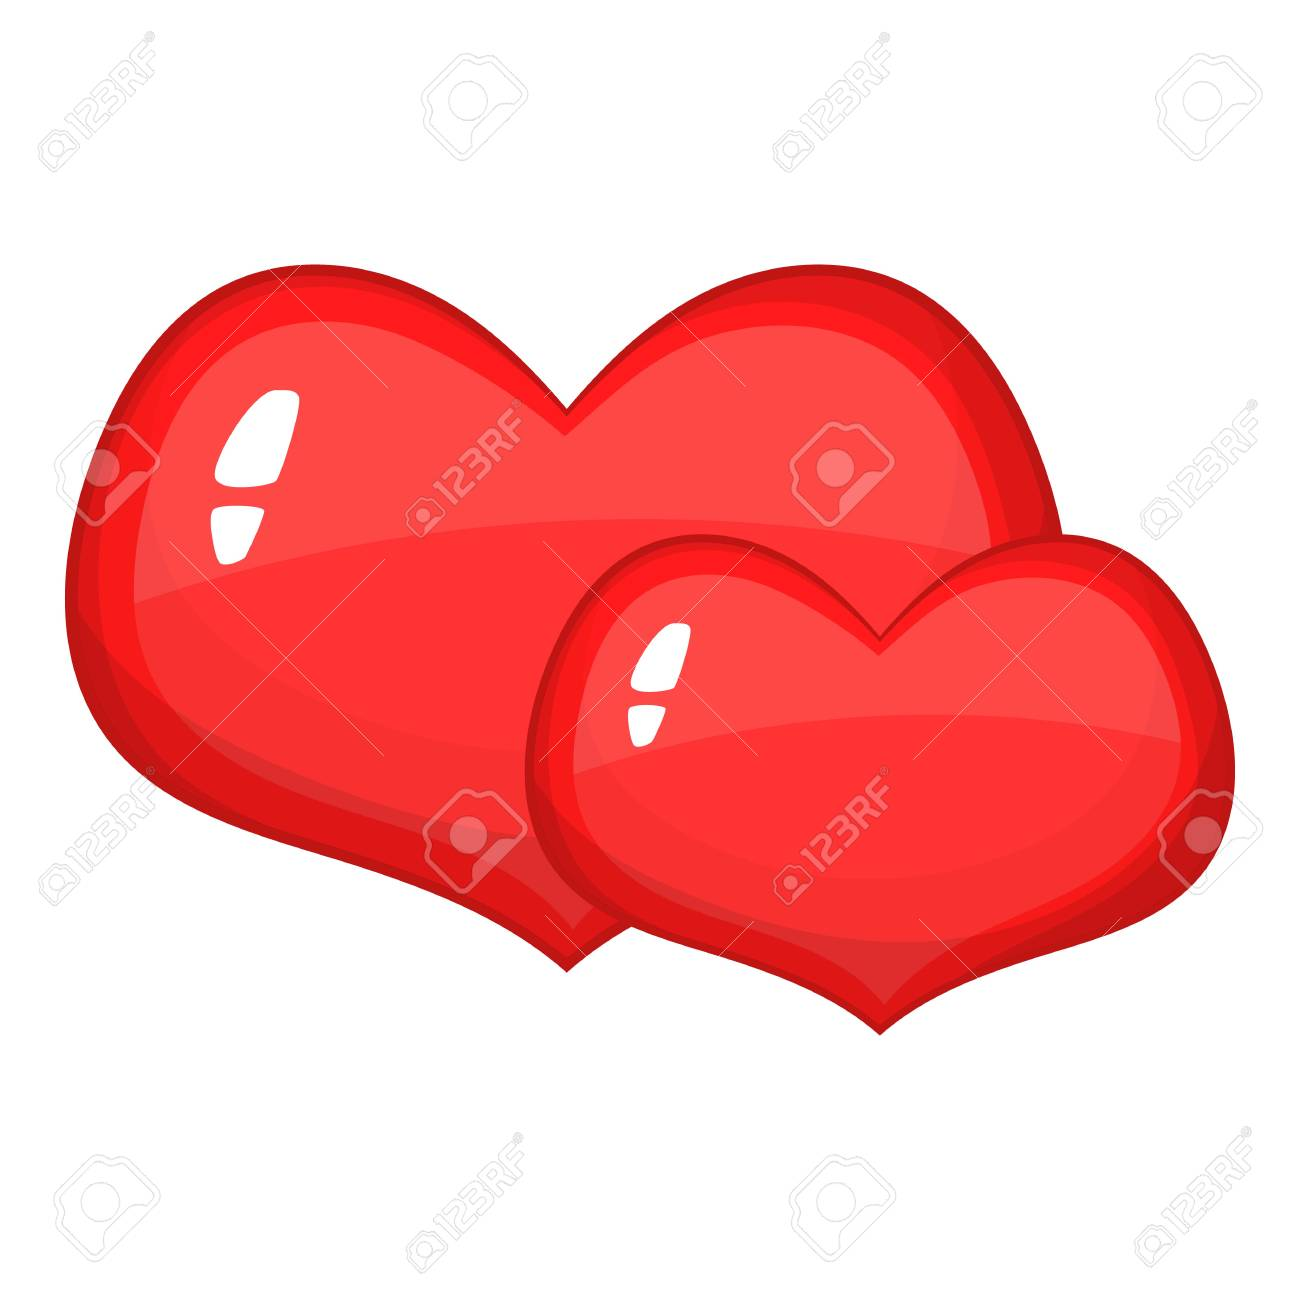 Icone De Deux Coeurs Rouges Illustration De Dessin Anime De L